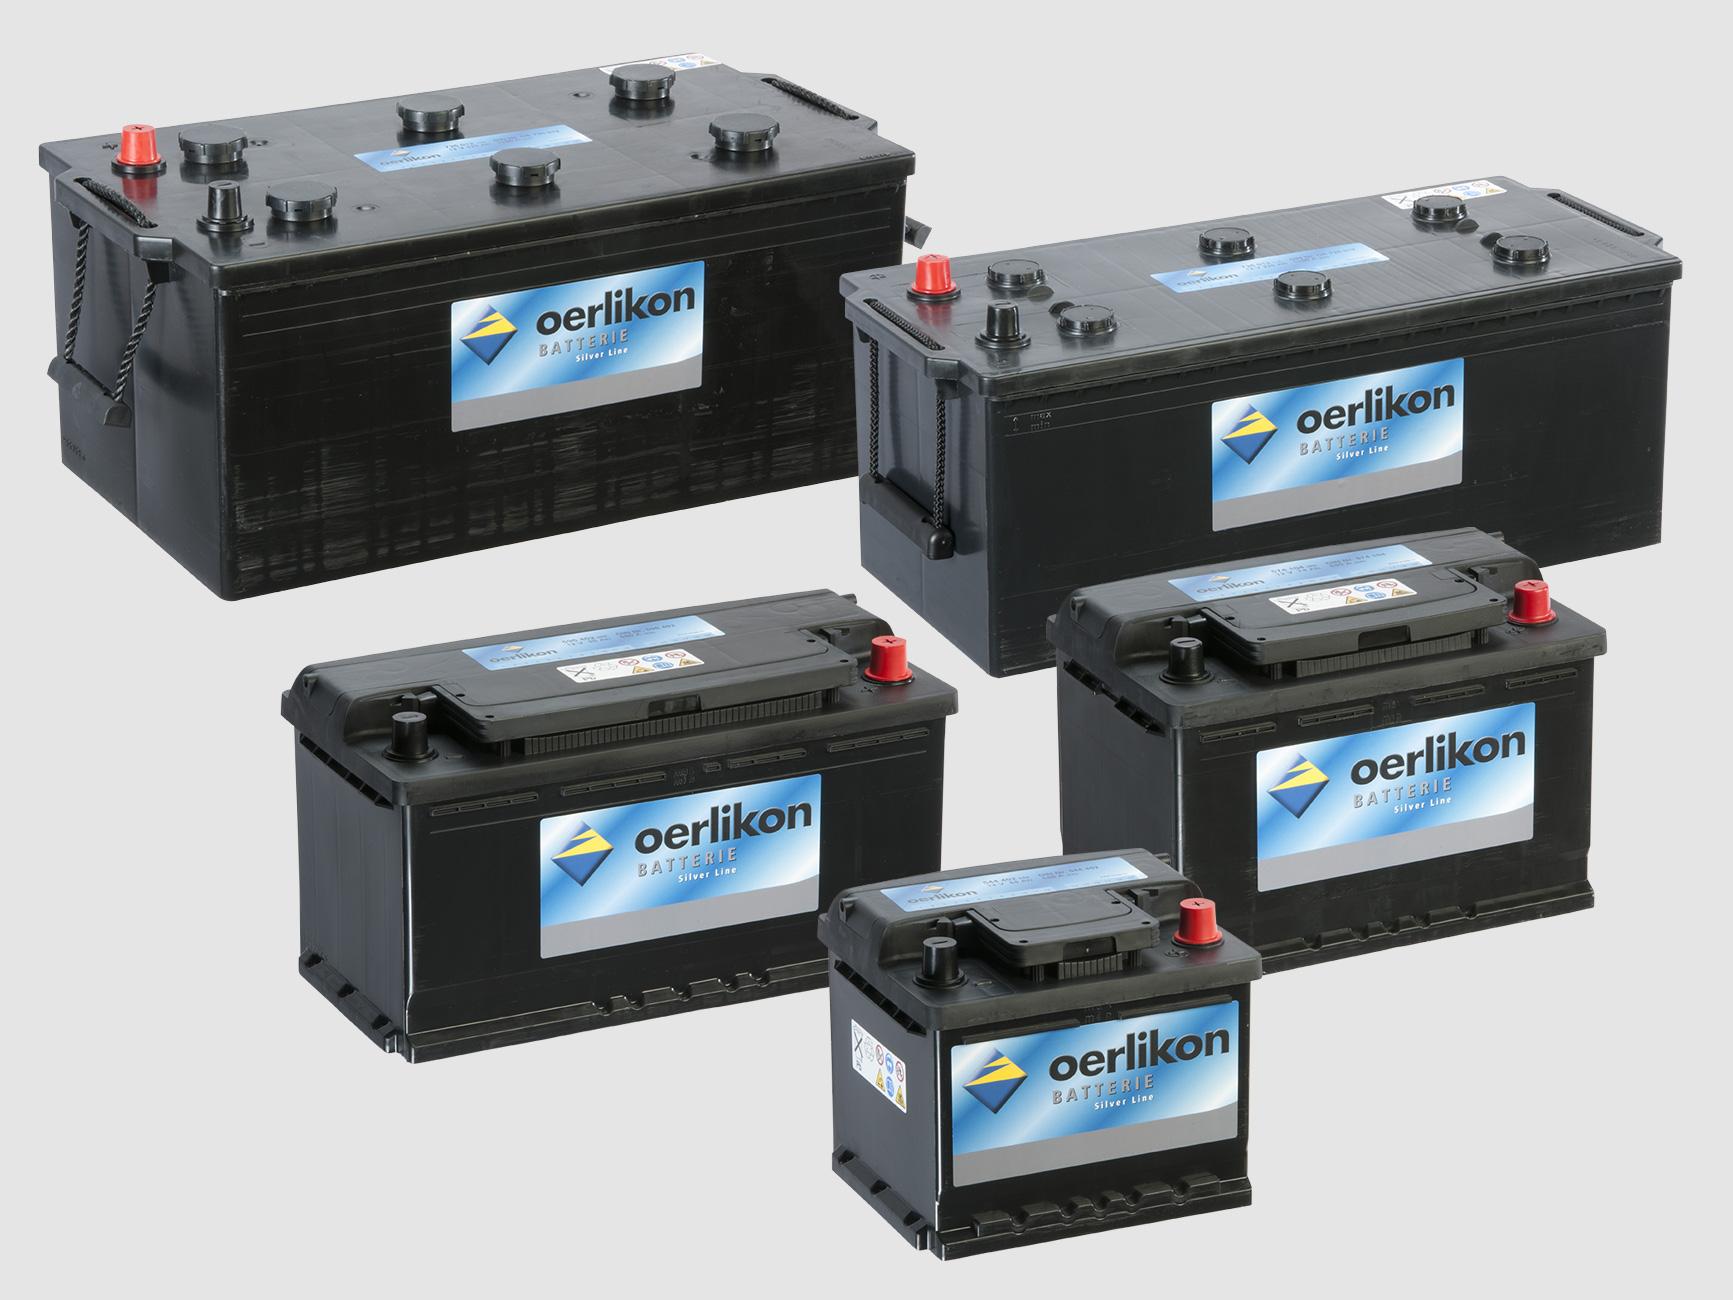 autobatterie 12v 74ah 680 a fh herren ag. Black Bedroom Furniture Sets. Home Design Ideas